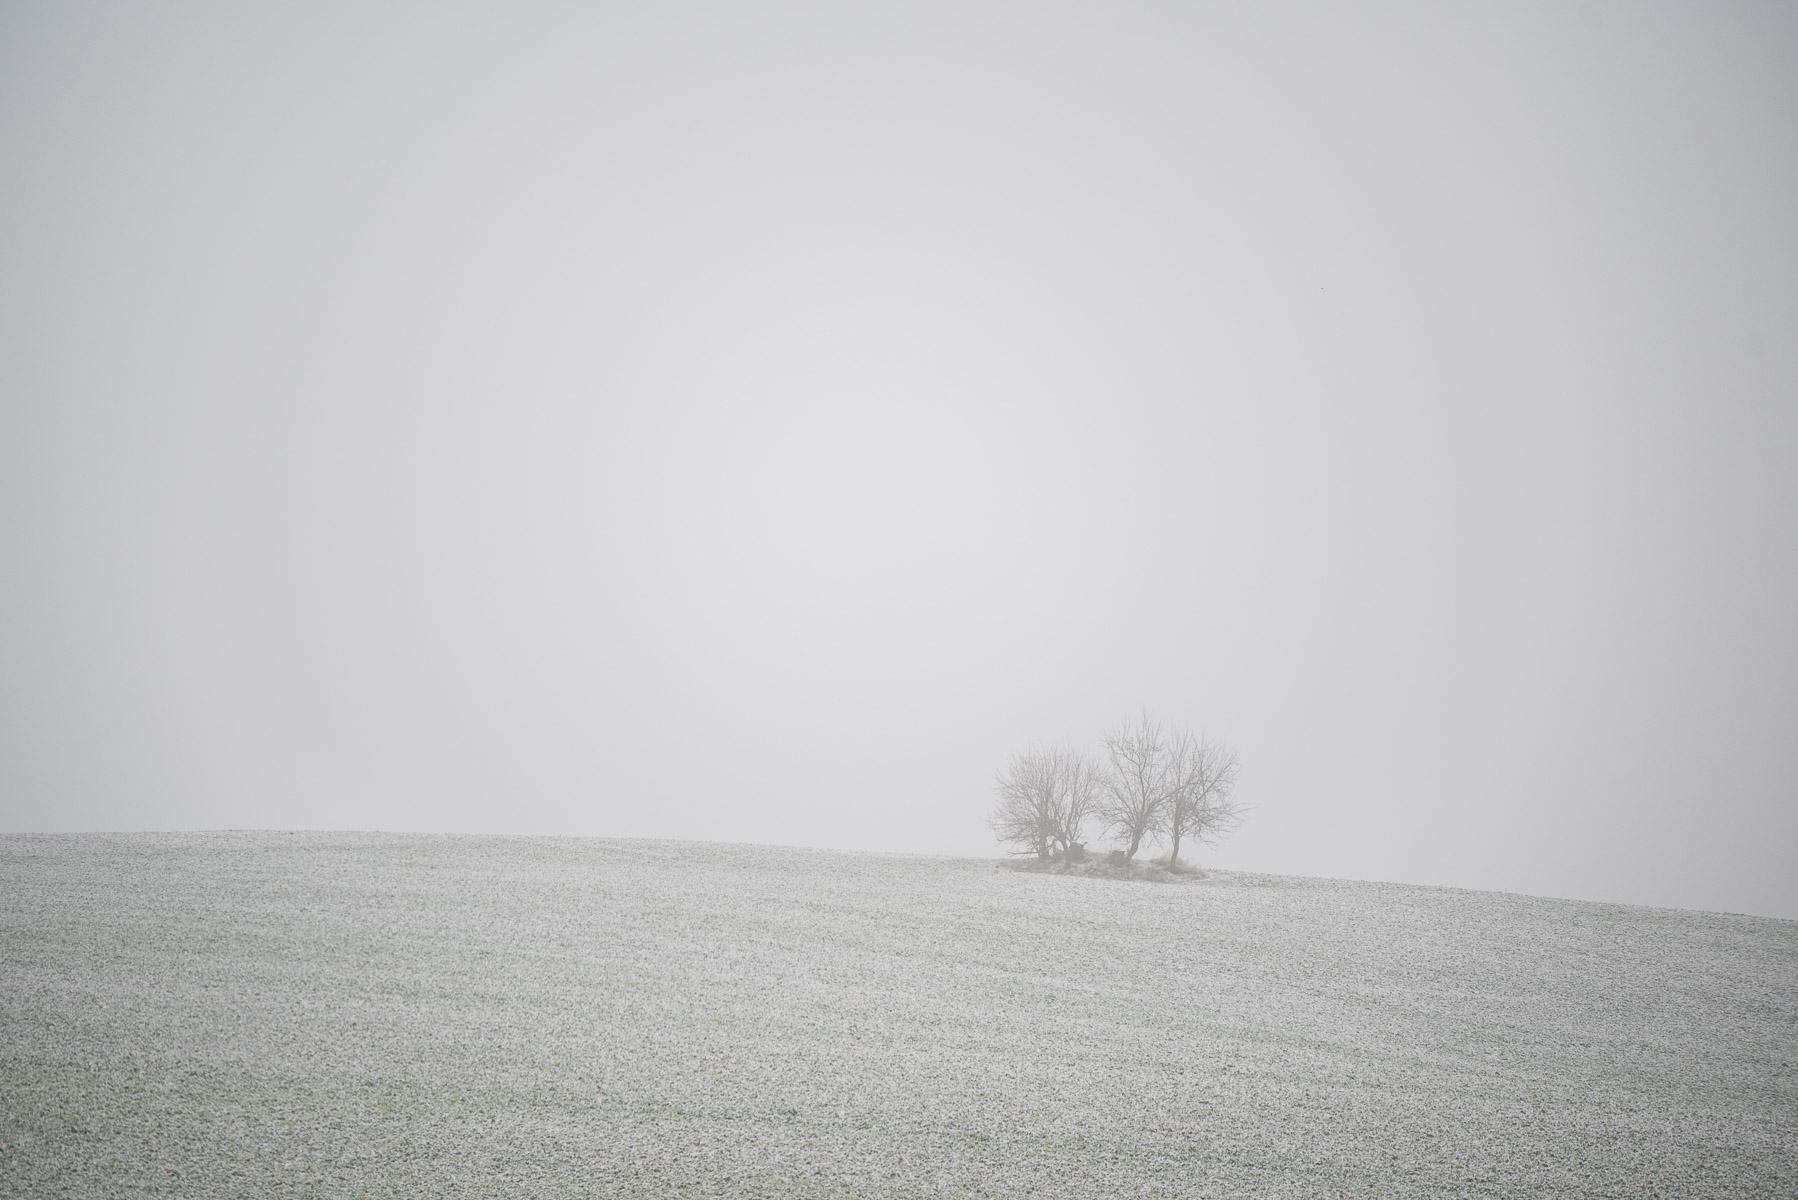 Zimní krajina (než přijde jaro)